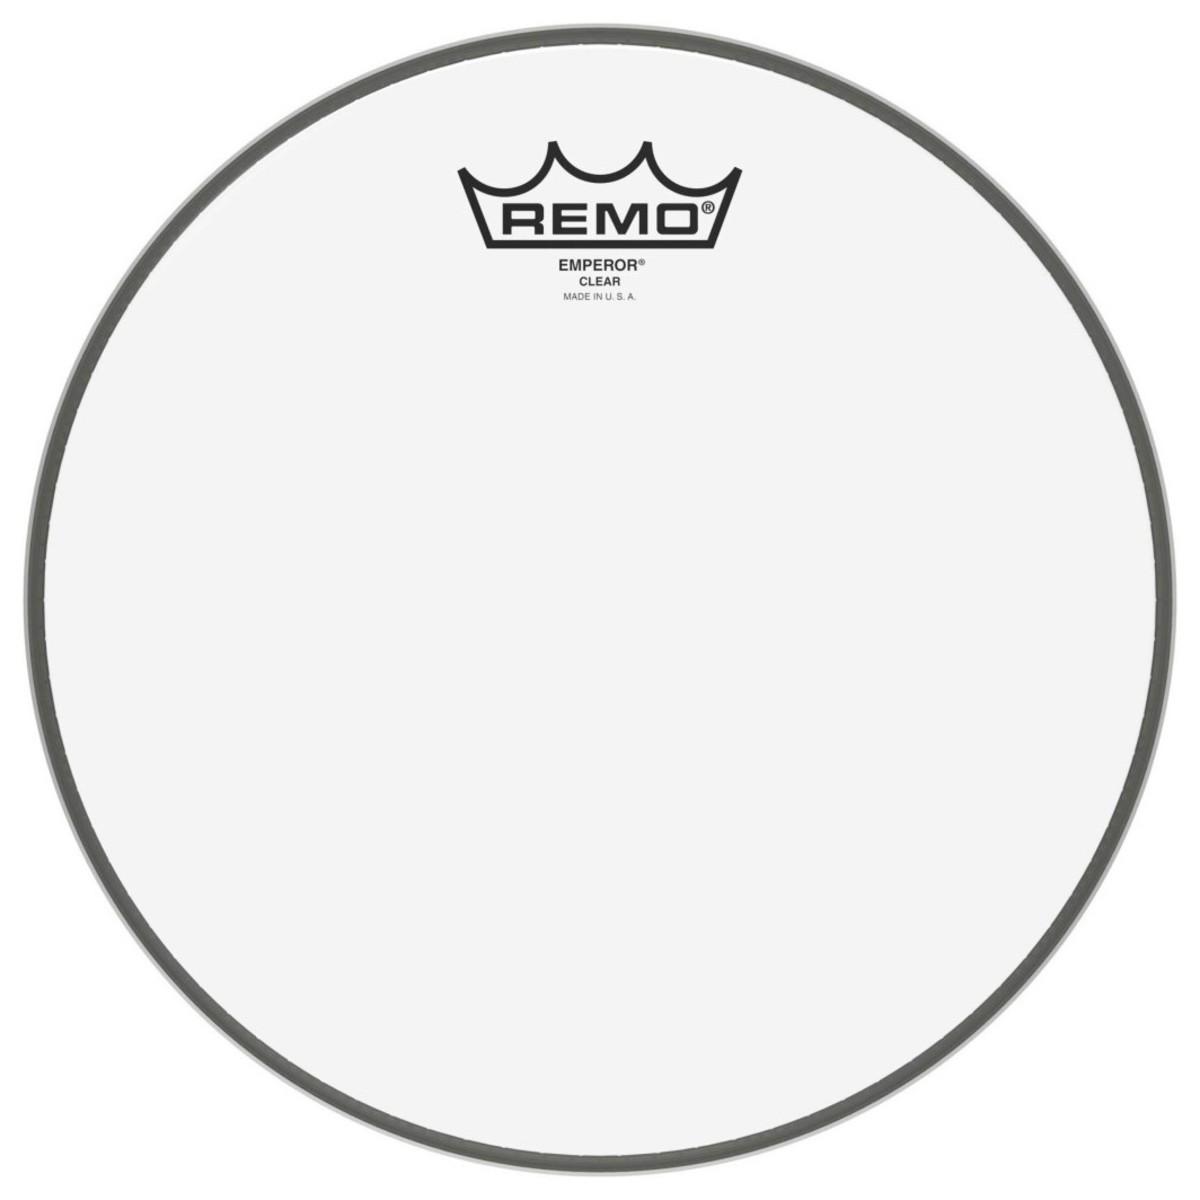 Remo Emperor Clear 10 Drum Head